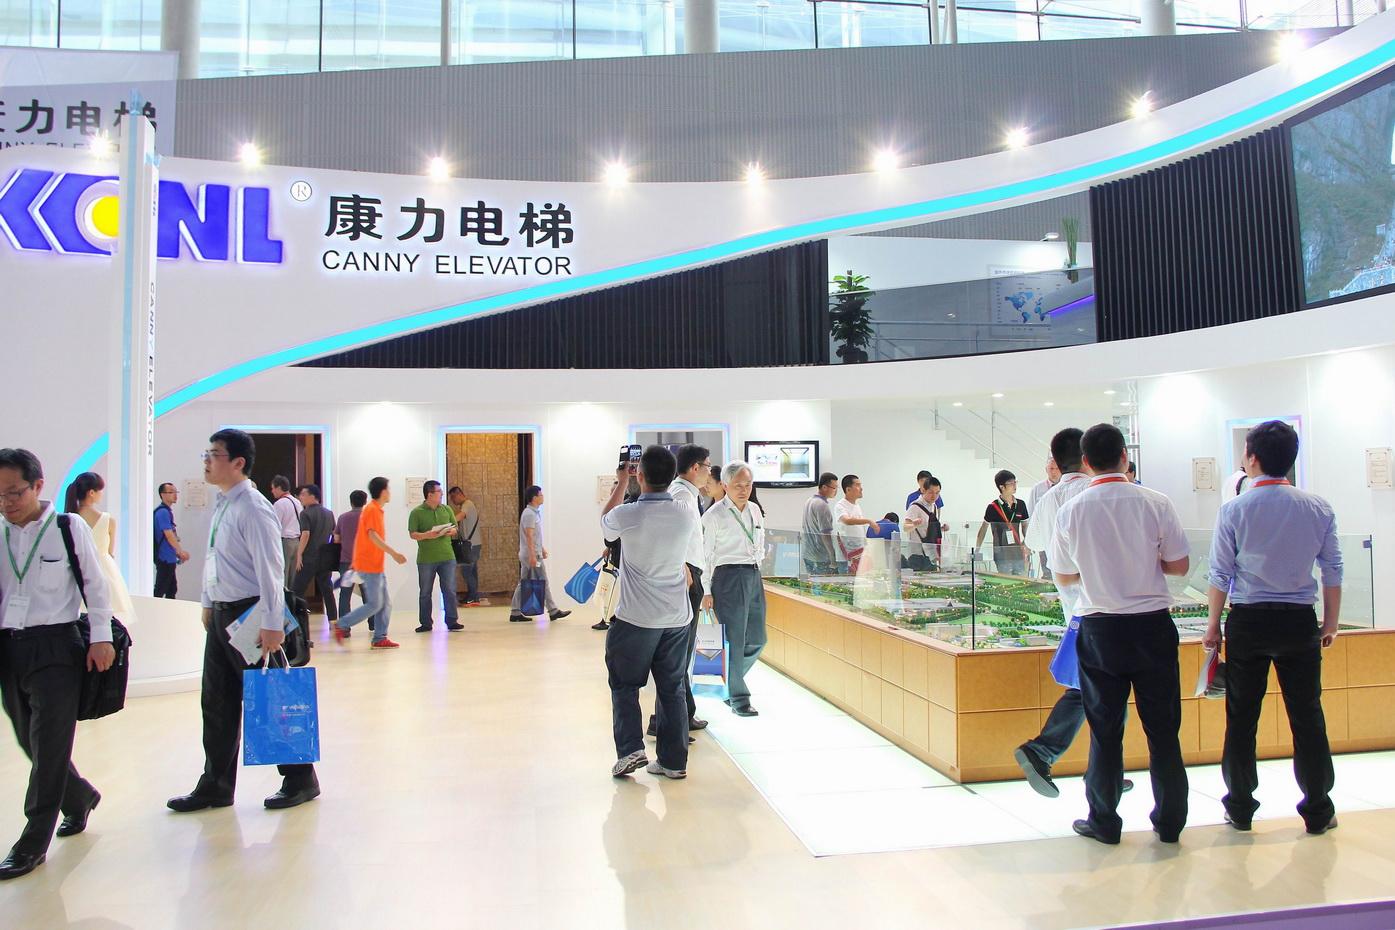 世界品牌 中国领跑--康力电梯亮相2014中国国际电梯展